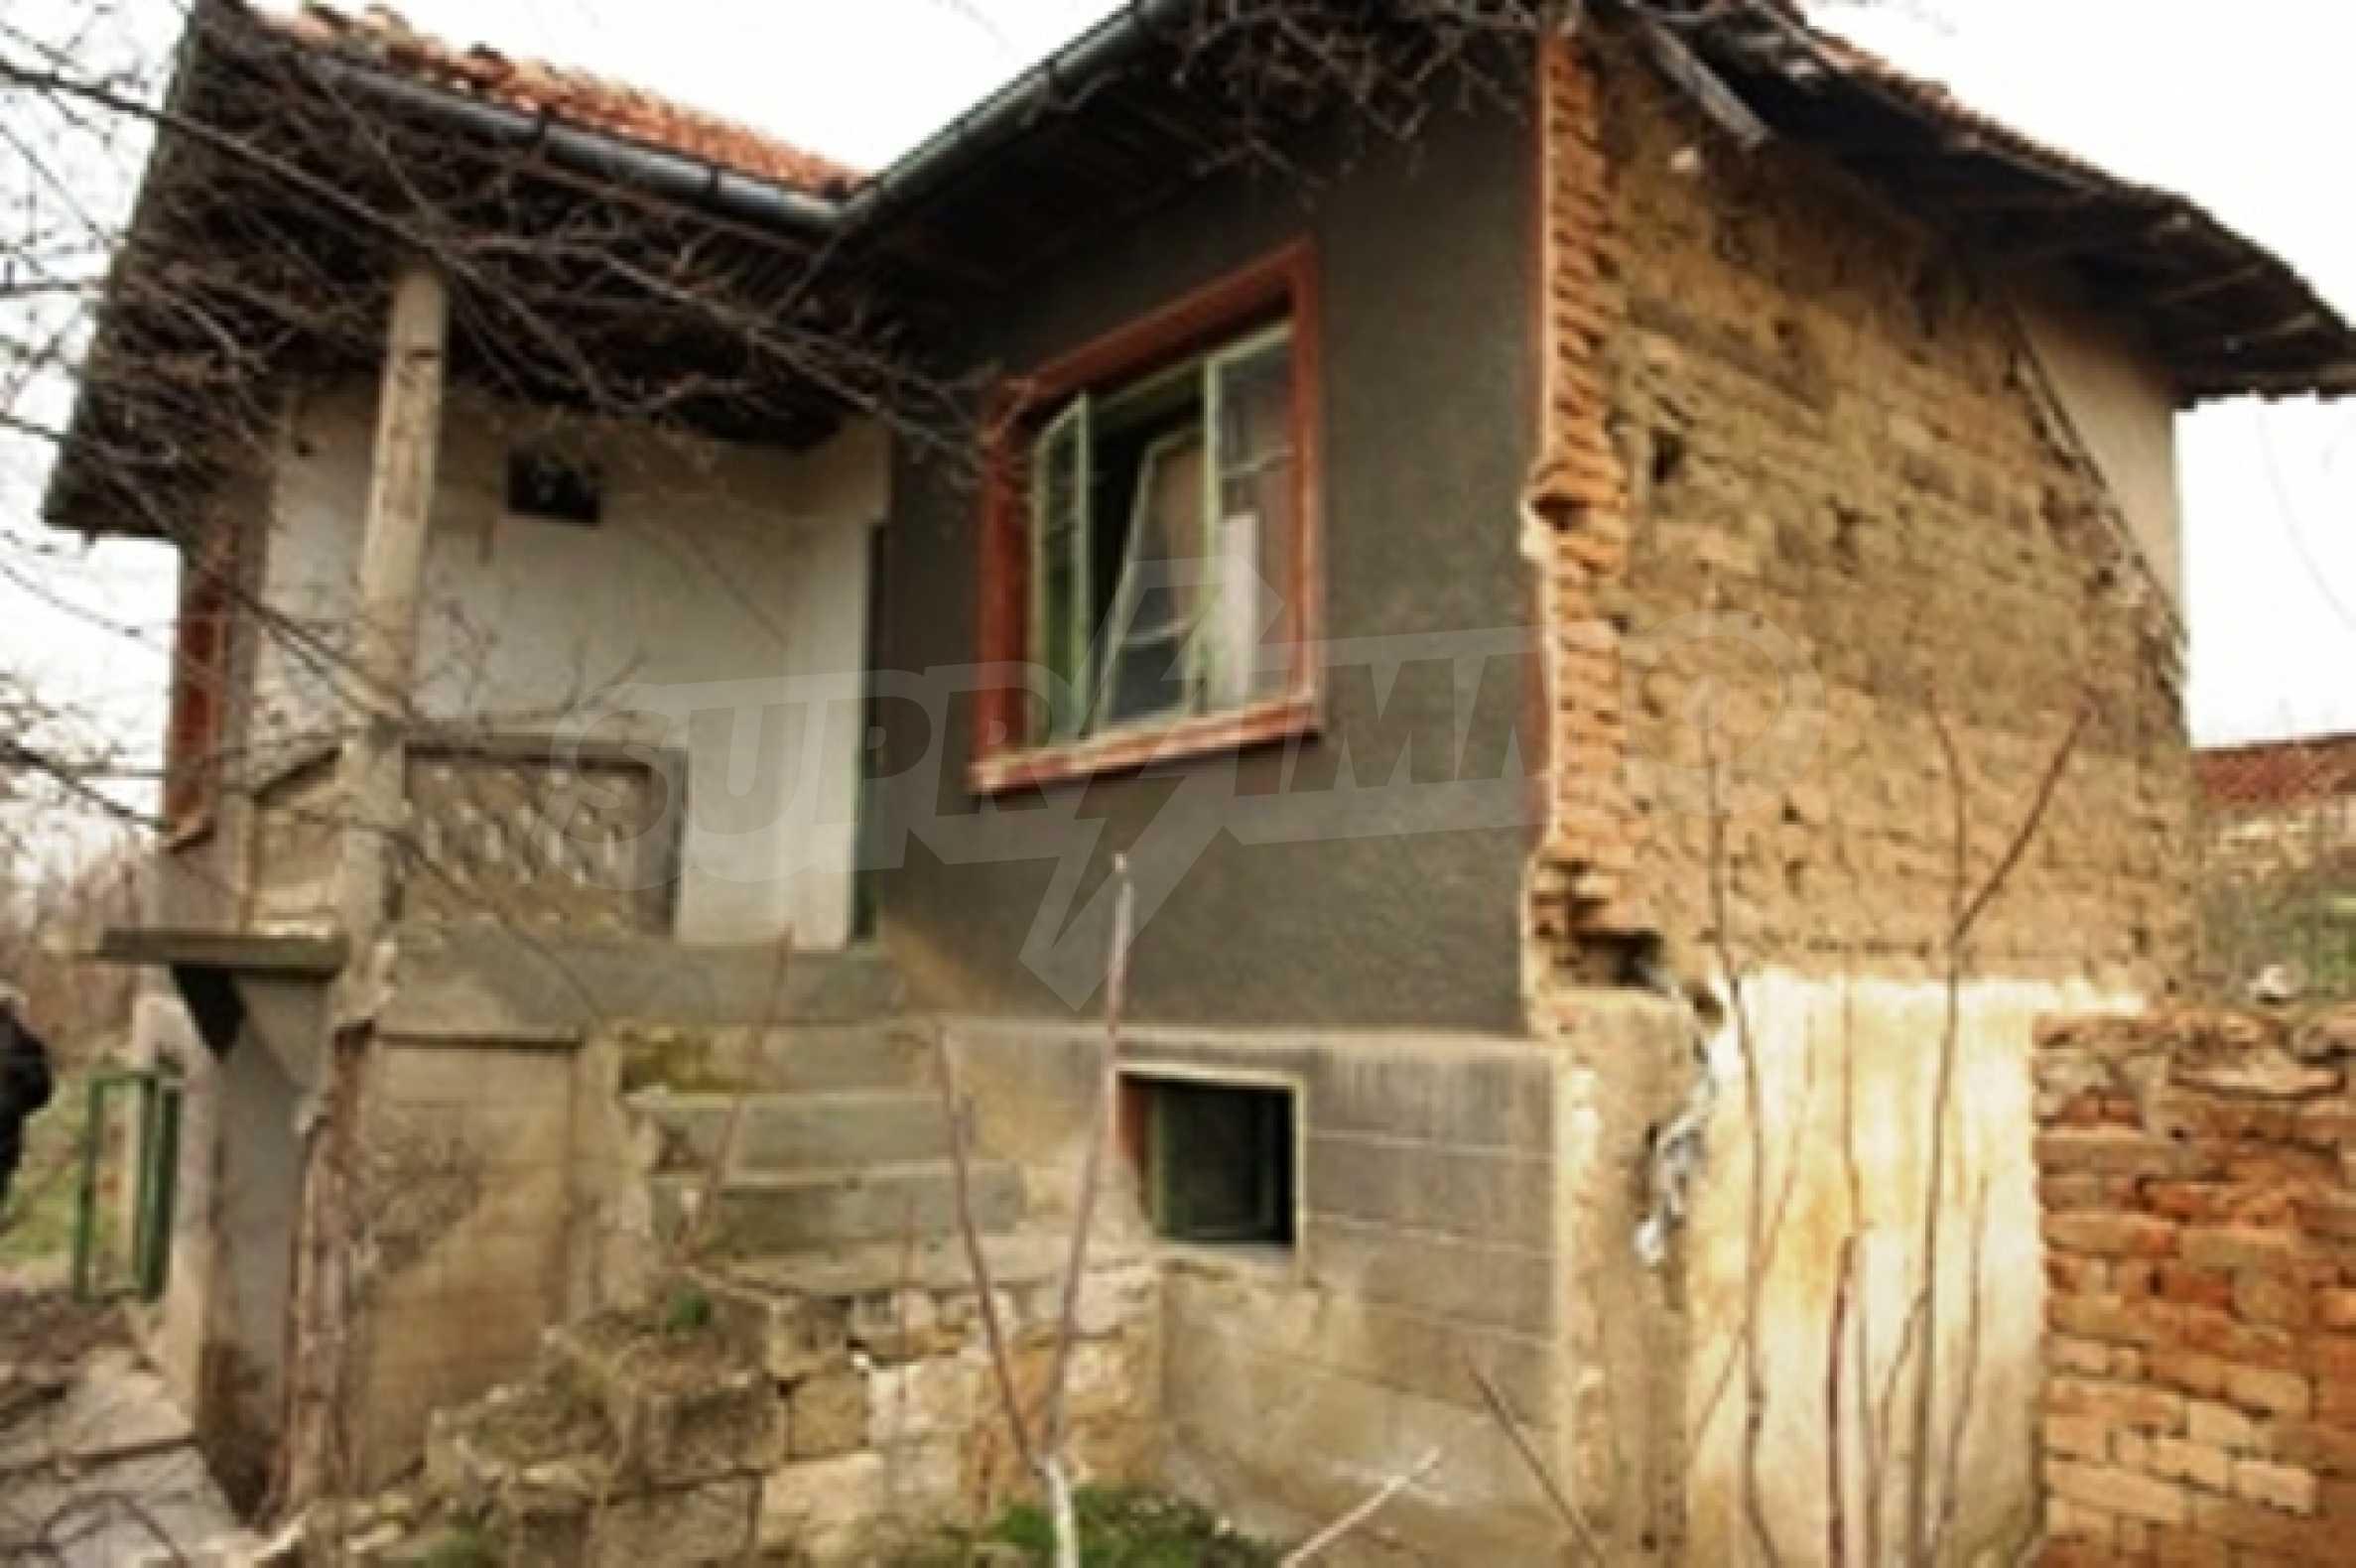 House for sale in Beltsov village 8